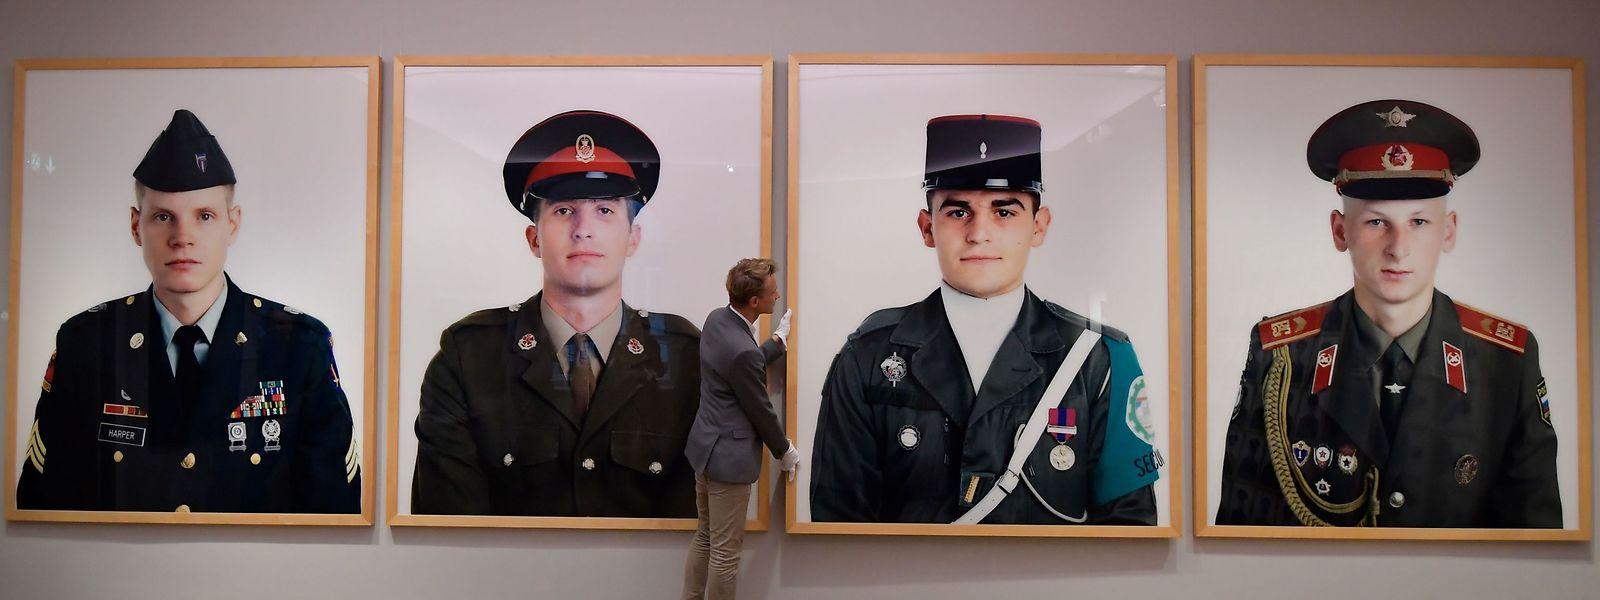 Les clichés iconiques des soldats de la guerre froide seront bientôt adjugés à Berlin au plus offrant.